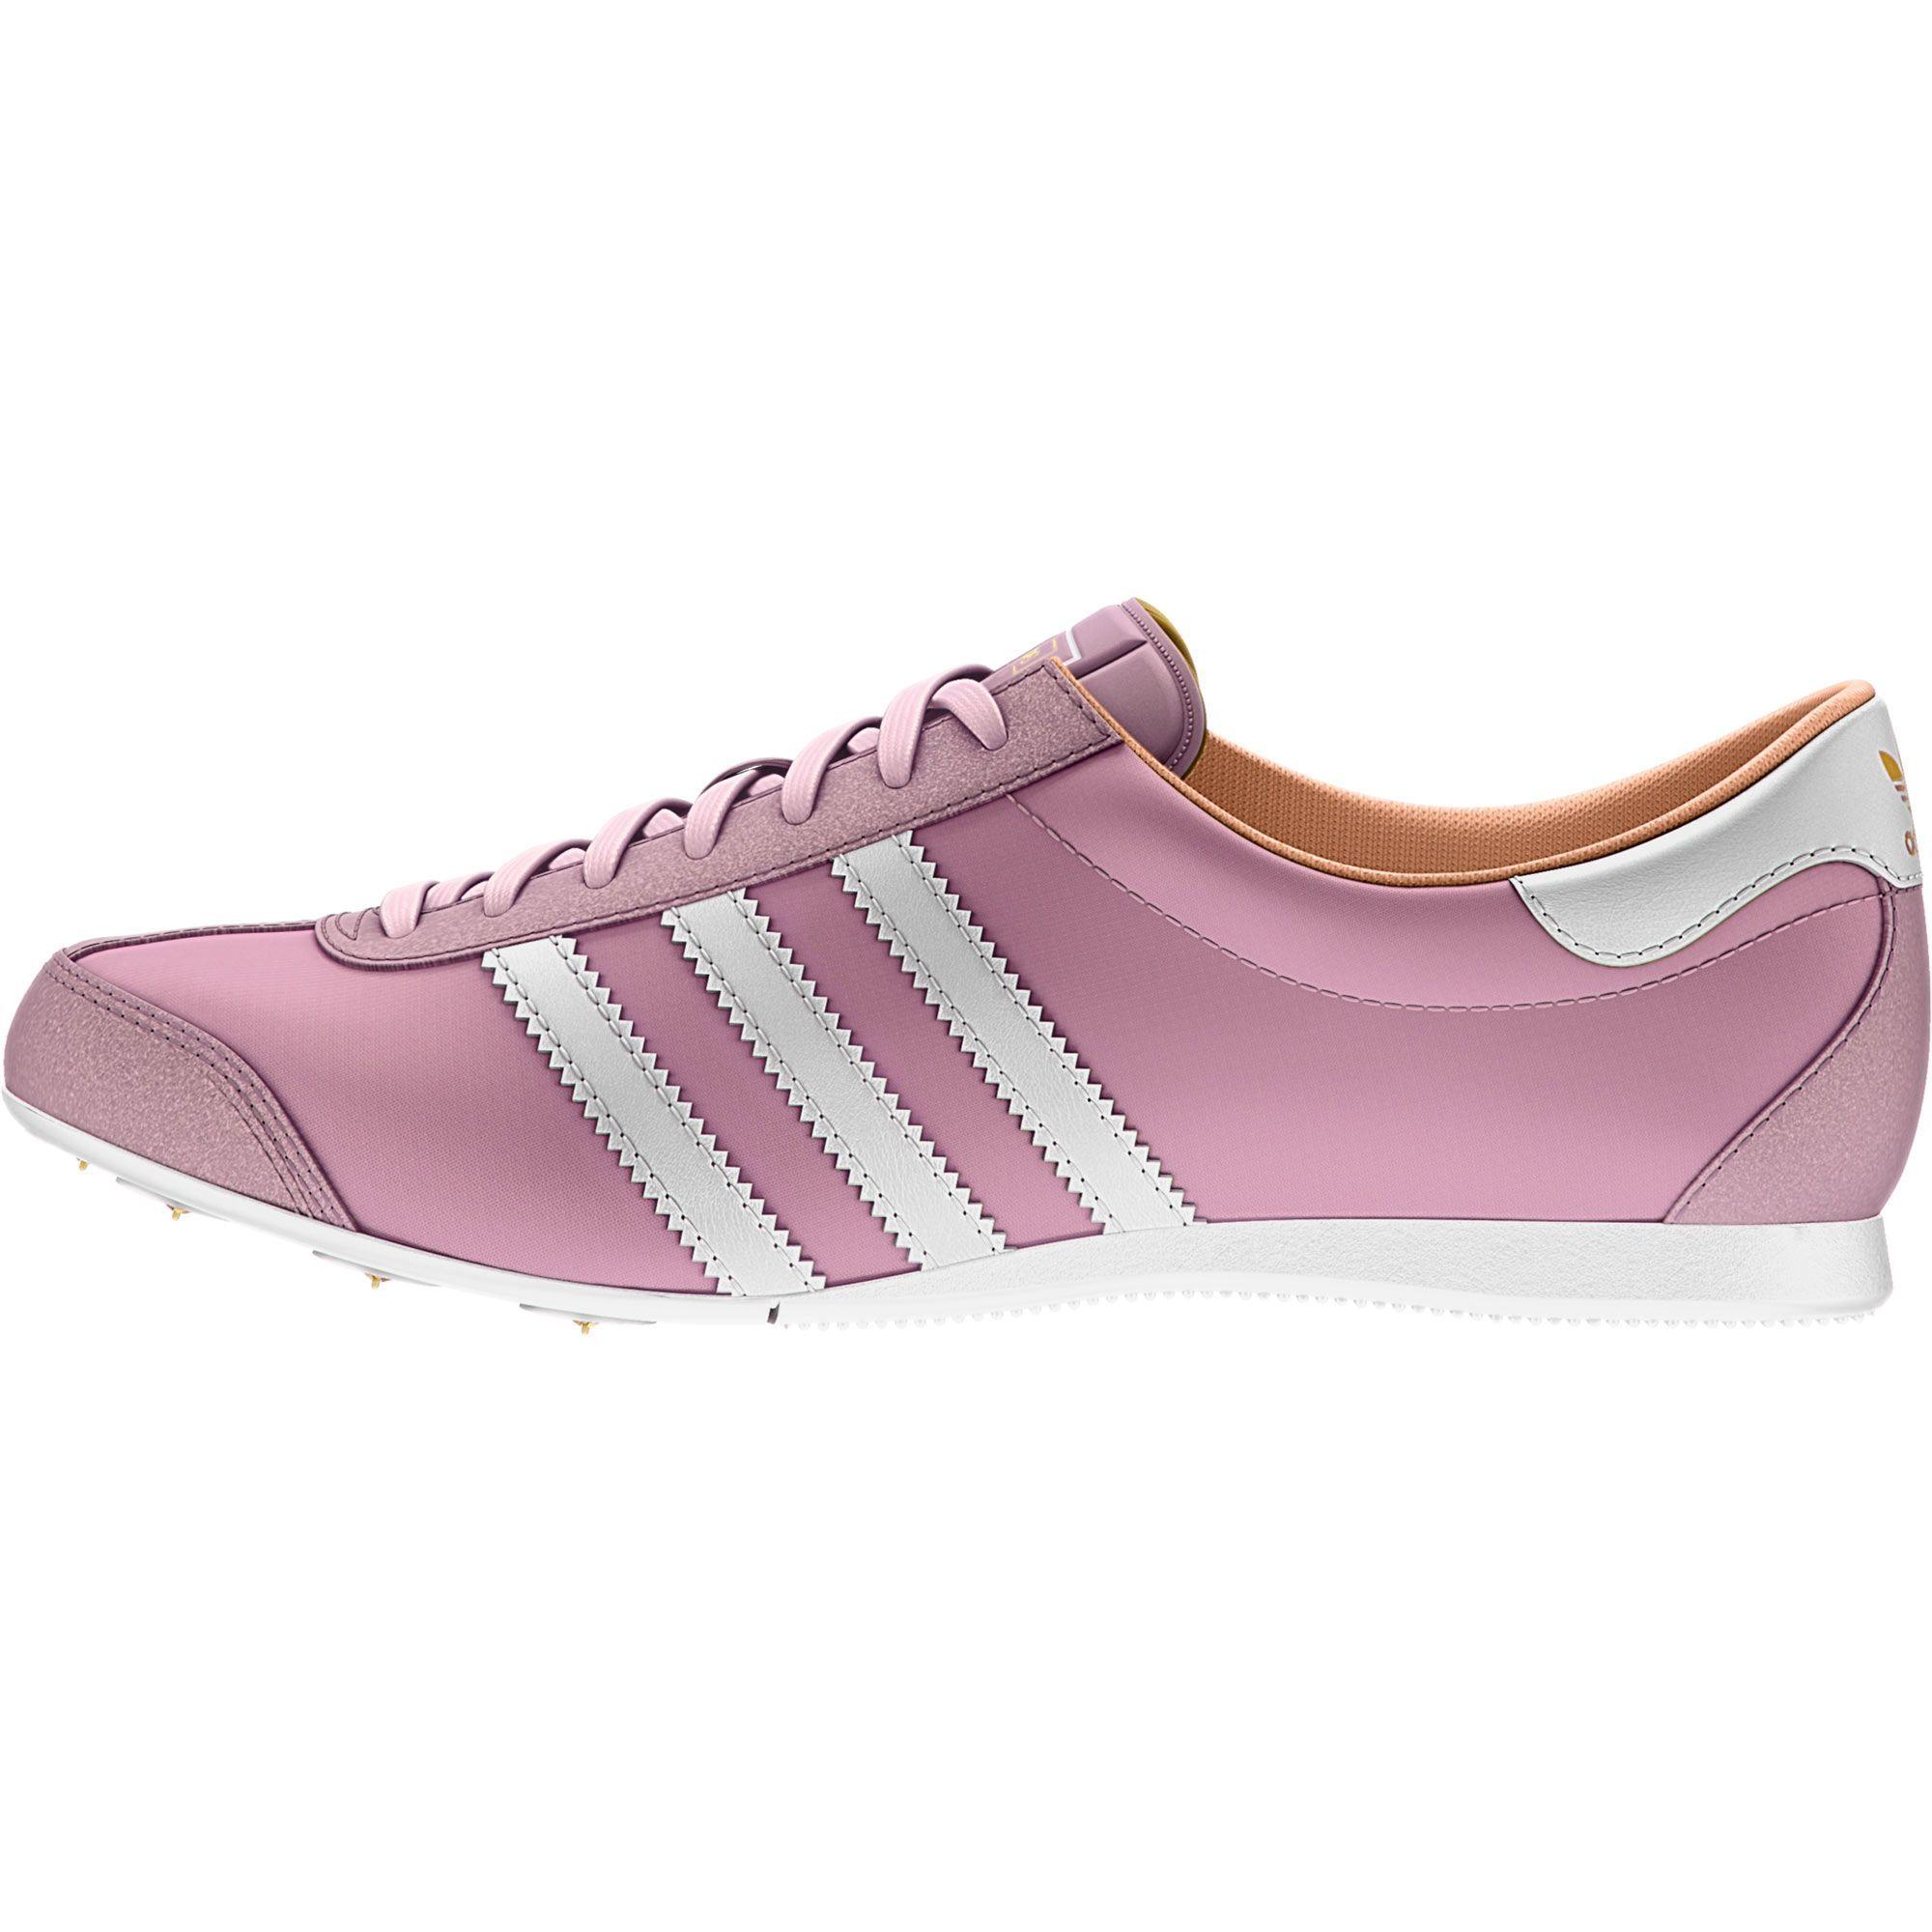 rojo Pacer partícula  adidas Tenis aditrack | adidas Mexico | Tenis adidas mujer, Accesorios  adidas, Adidas mujer